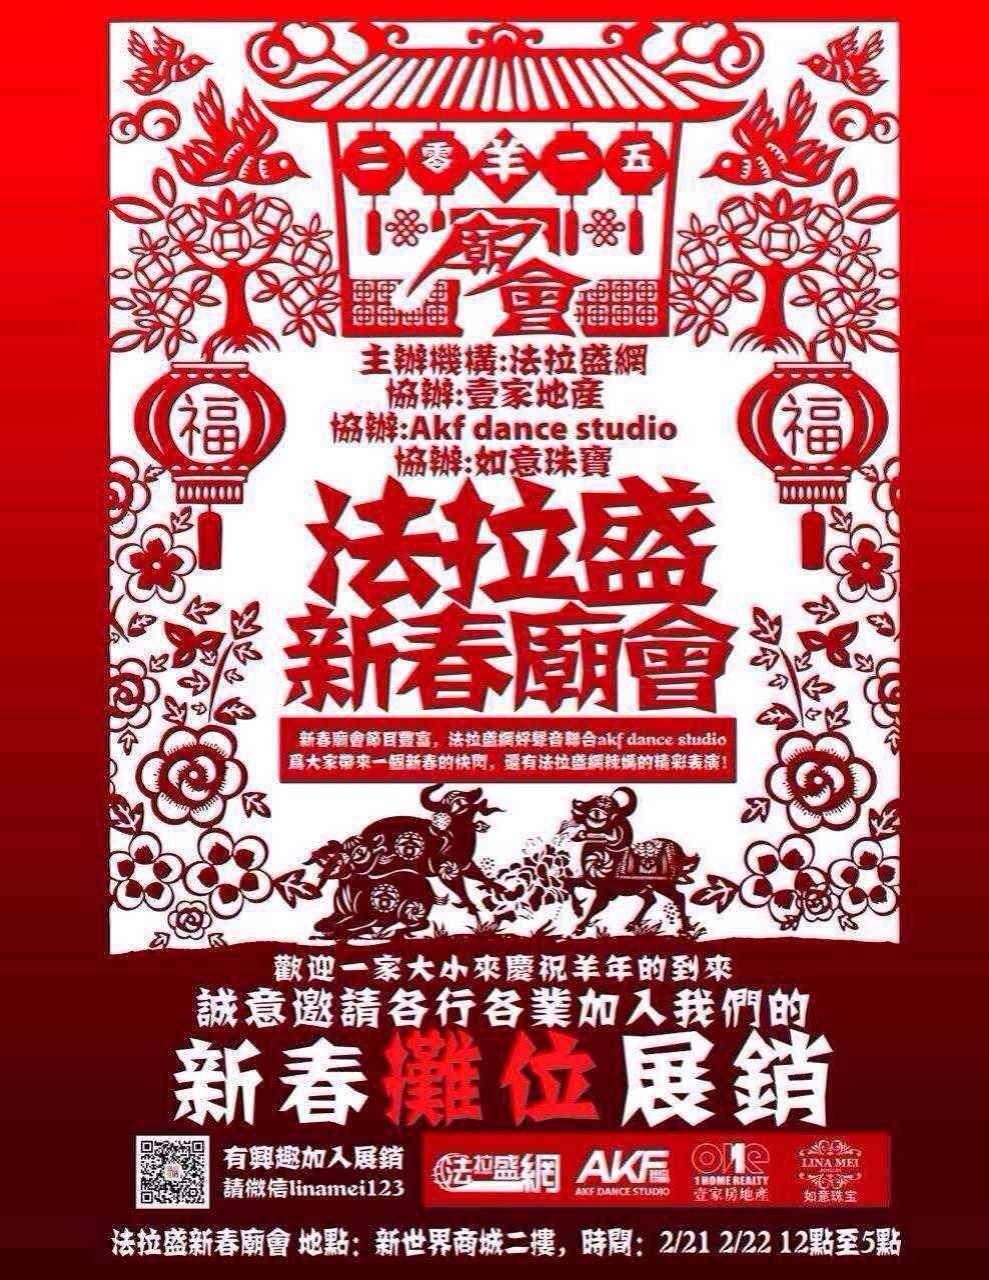 2/21 法拉盛新春庙会在新世界商城举行